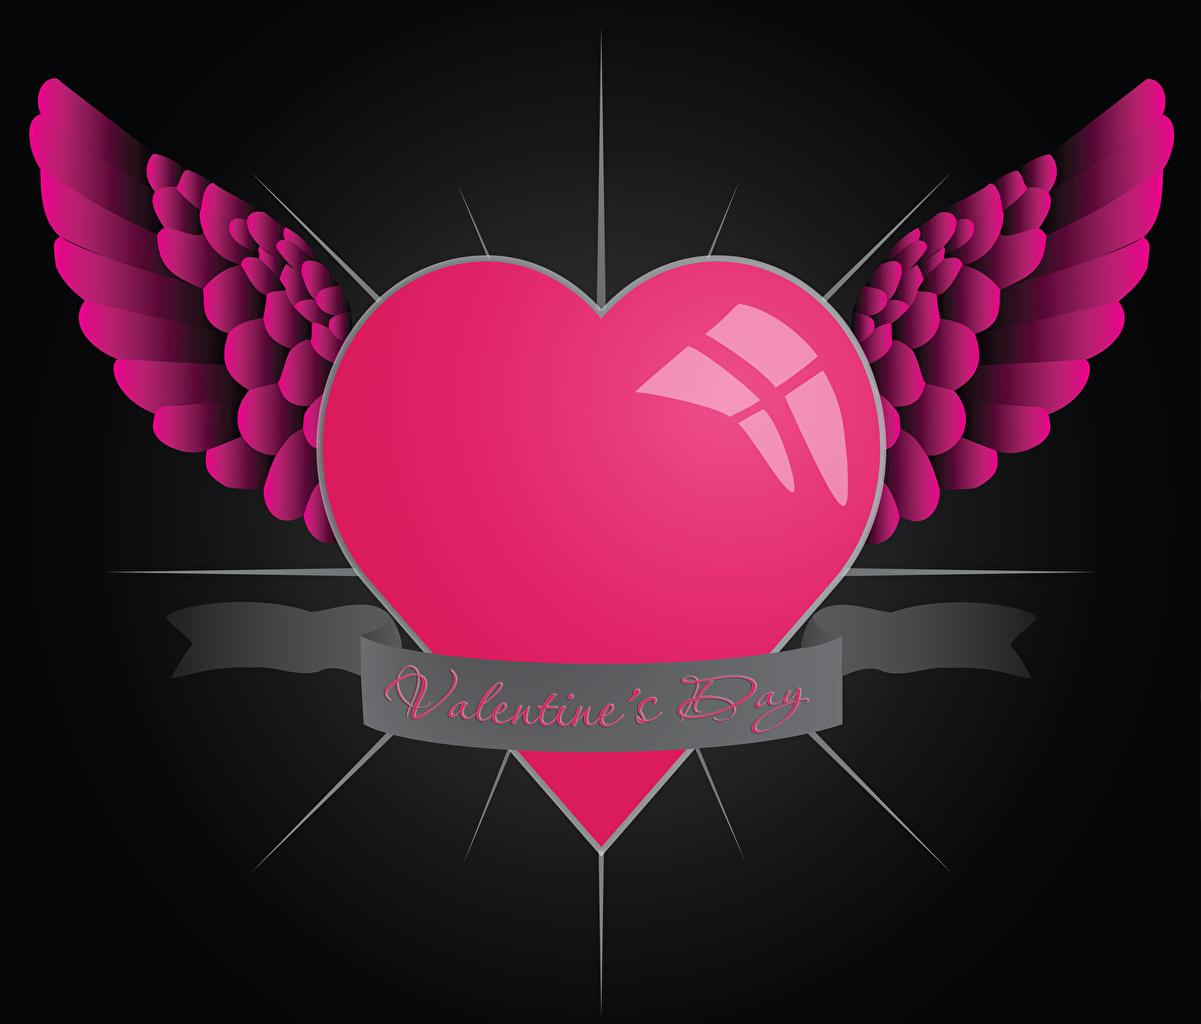 Картинки День всех влюблённых Английский Сердце Крылья 3D Графика День святого Валентина сердечко